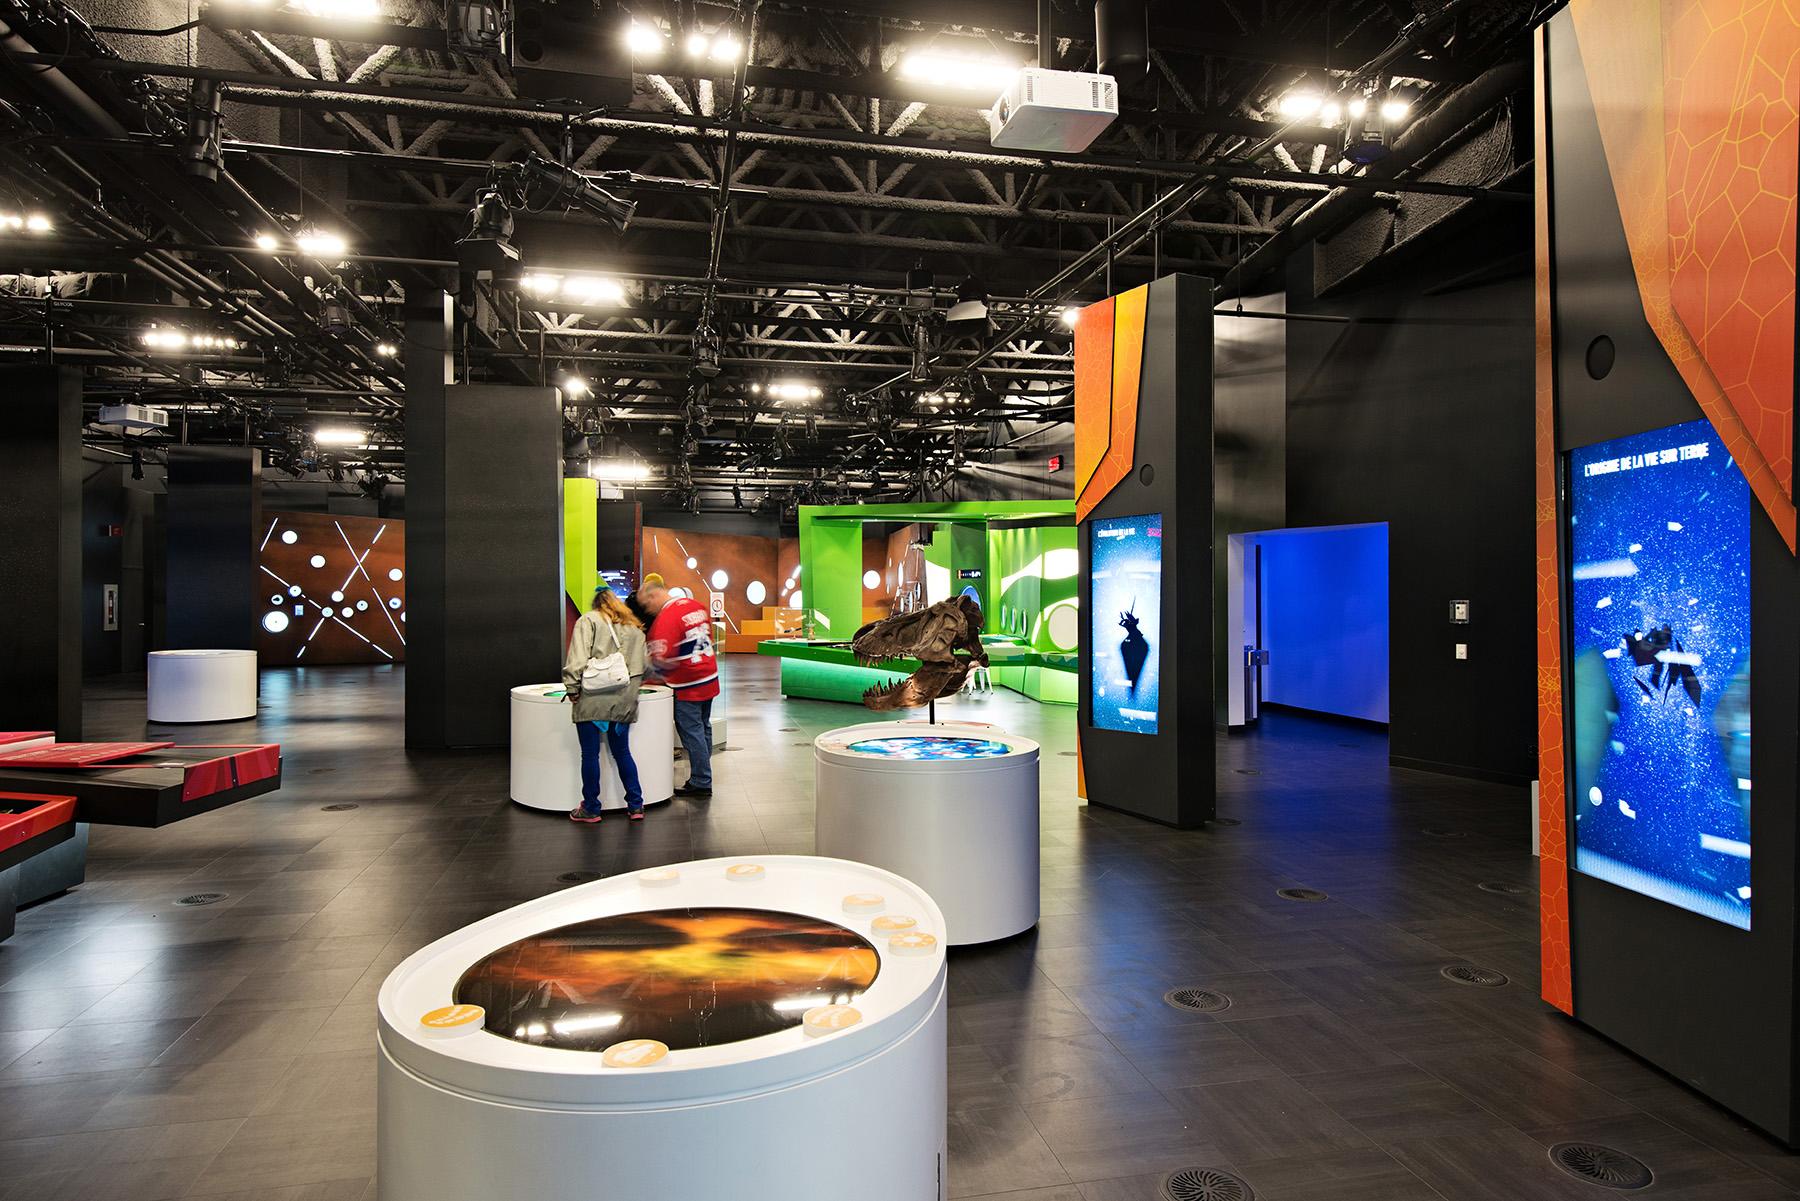 architectural-photography-montreal-planetarium-rio-tinto-alcan-014